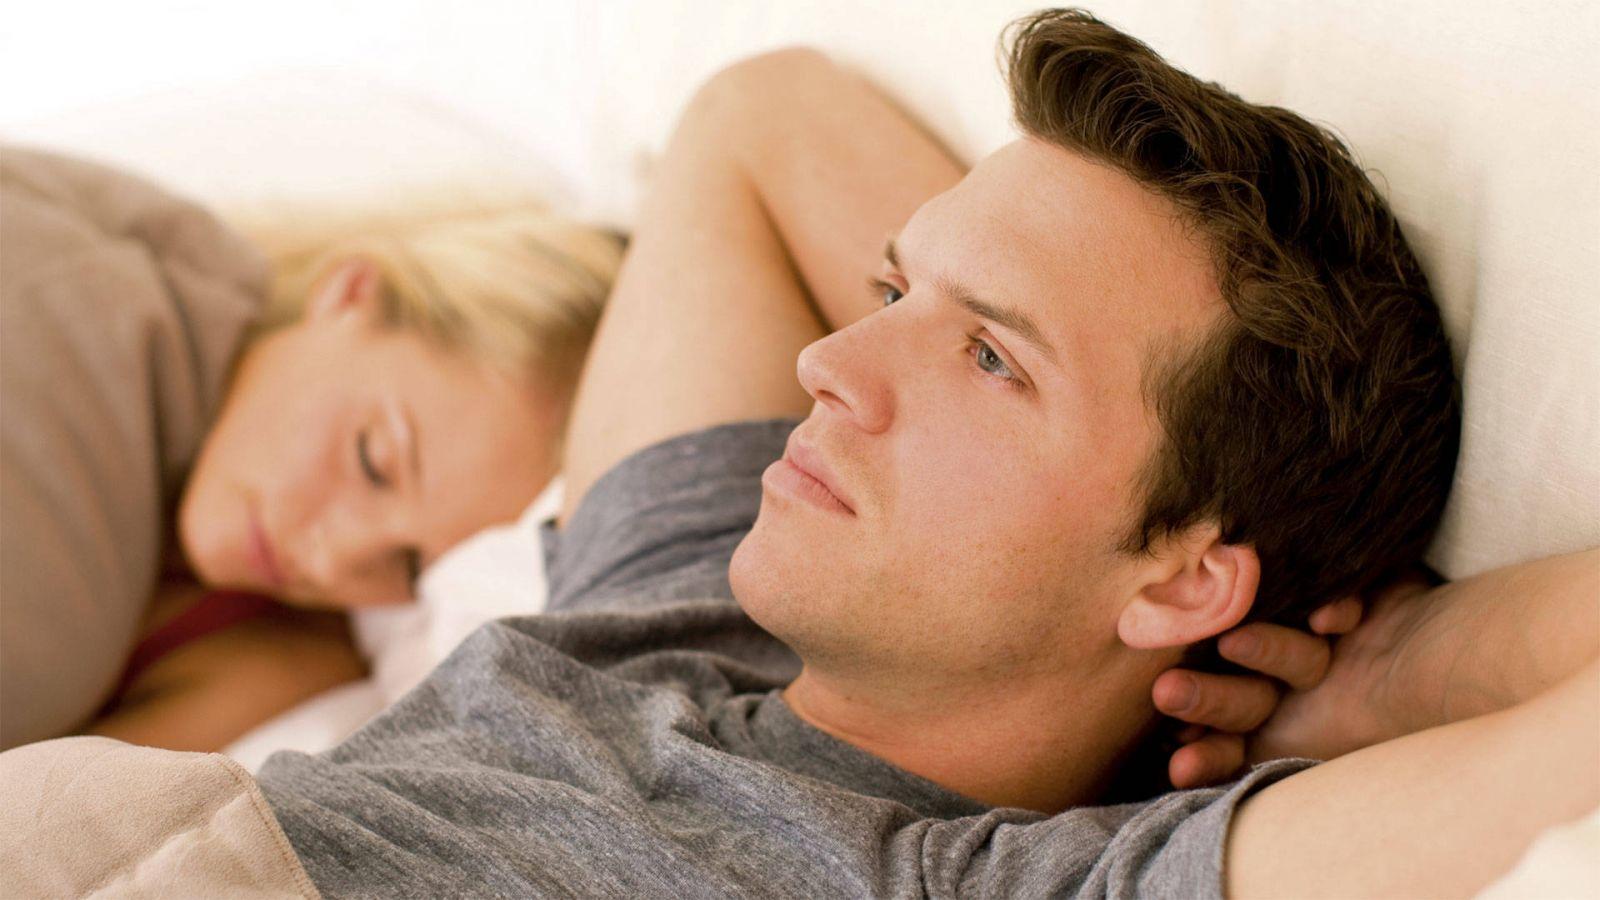 Đến khổ vì vợ nghiện đồ chơi tình dục